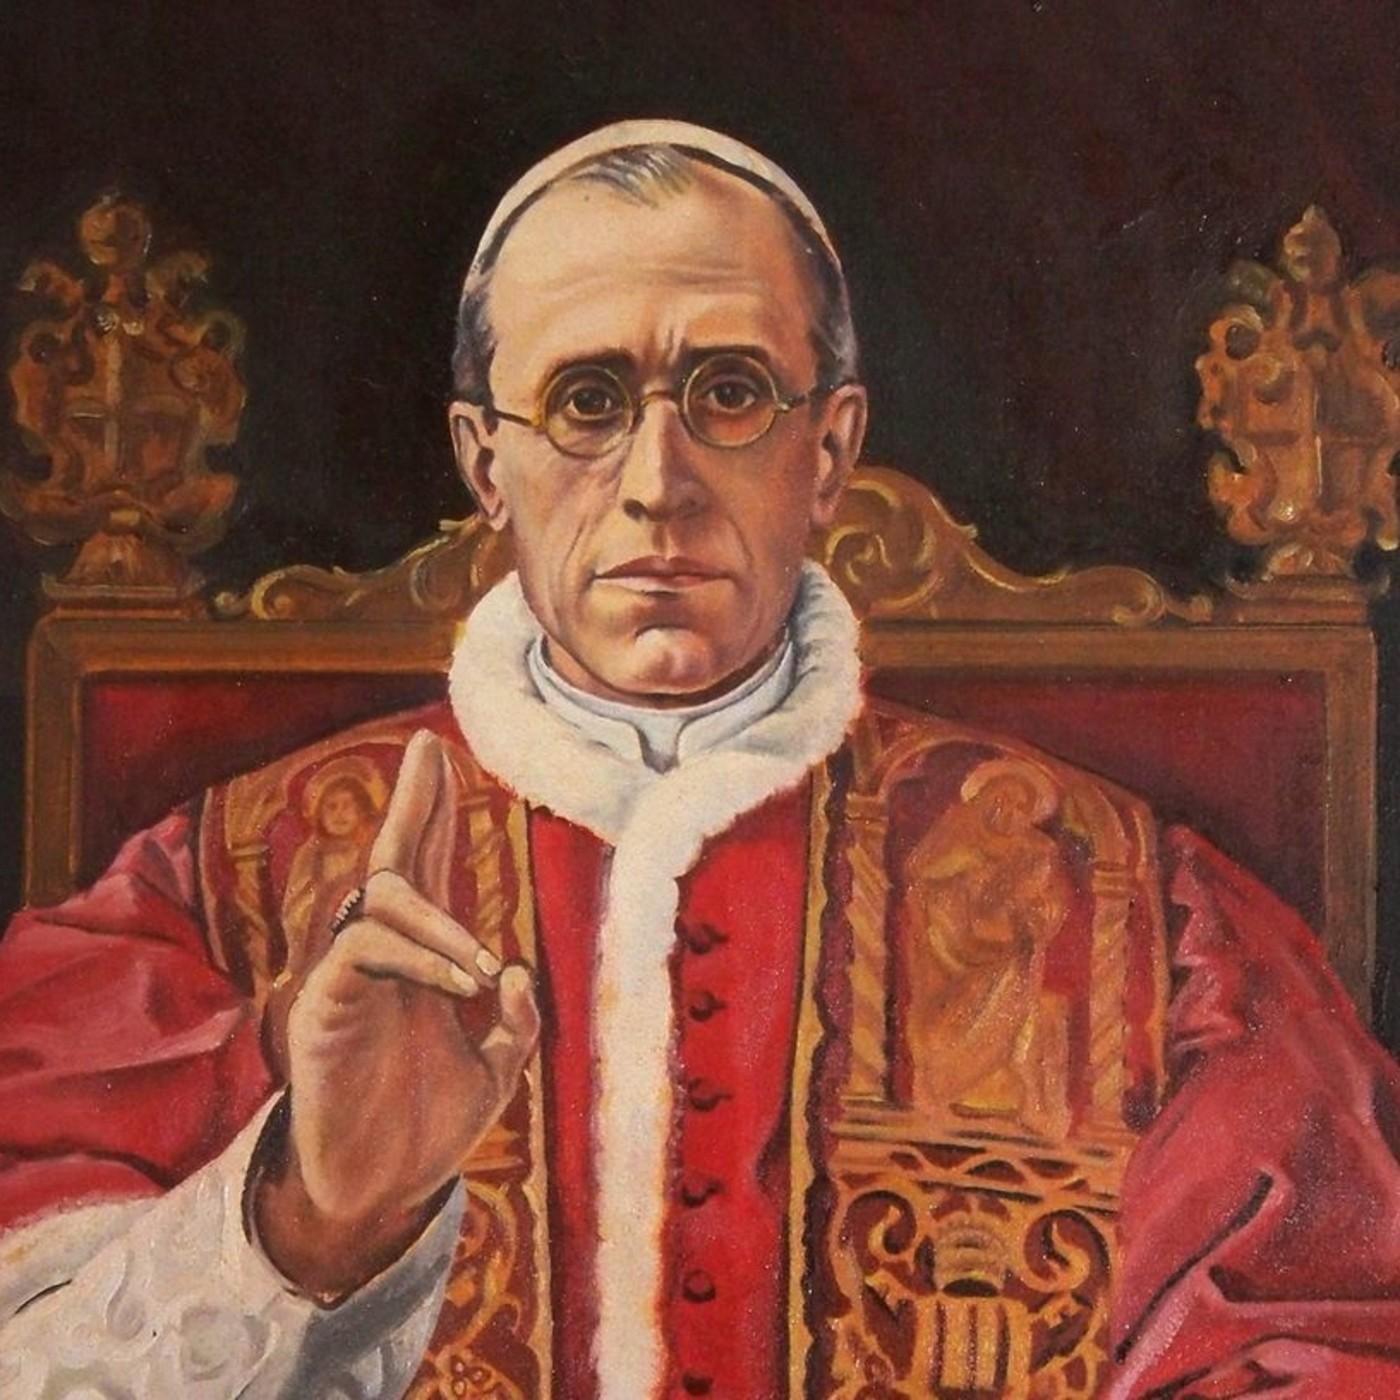 El complot del Vaticano para matar a Hitler en LA TRINCHERA